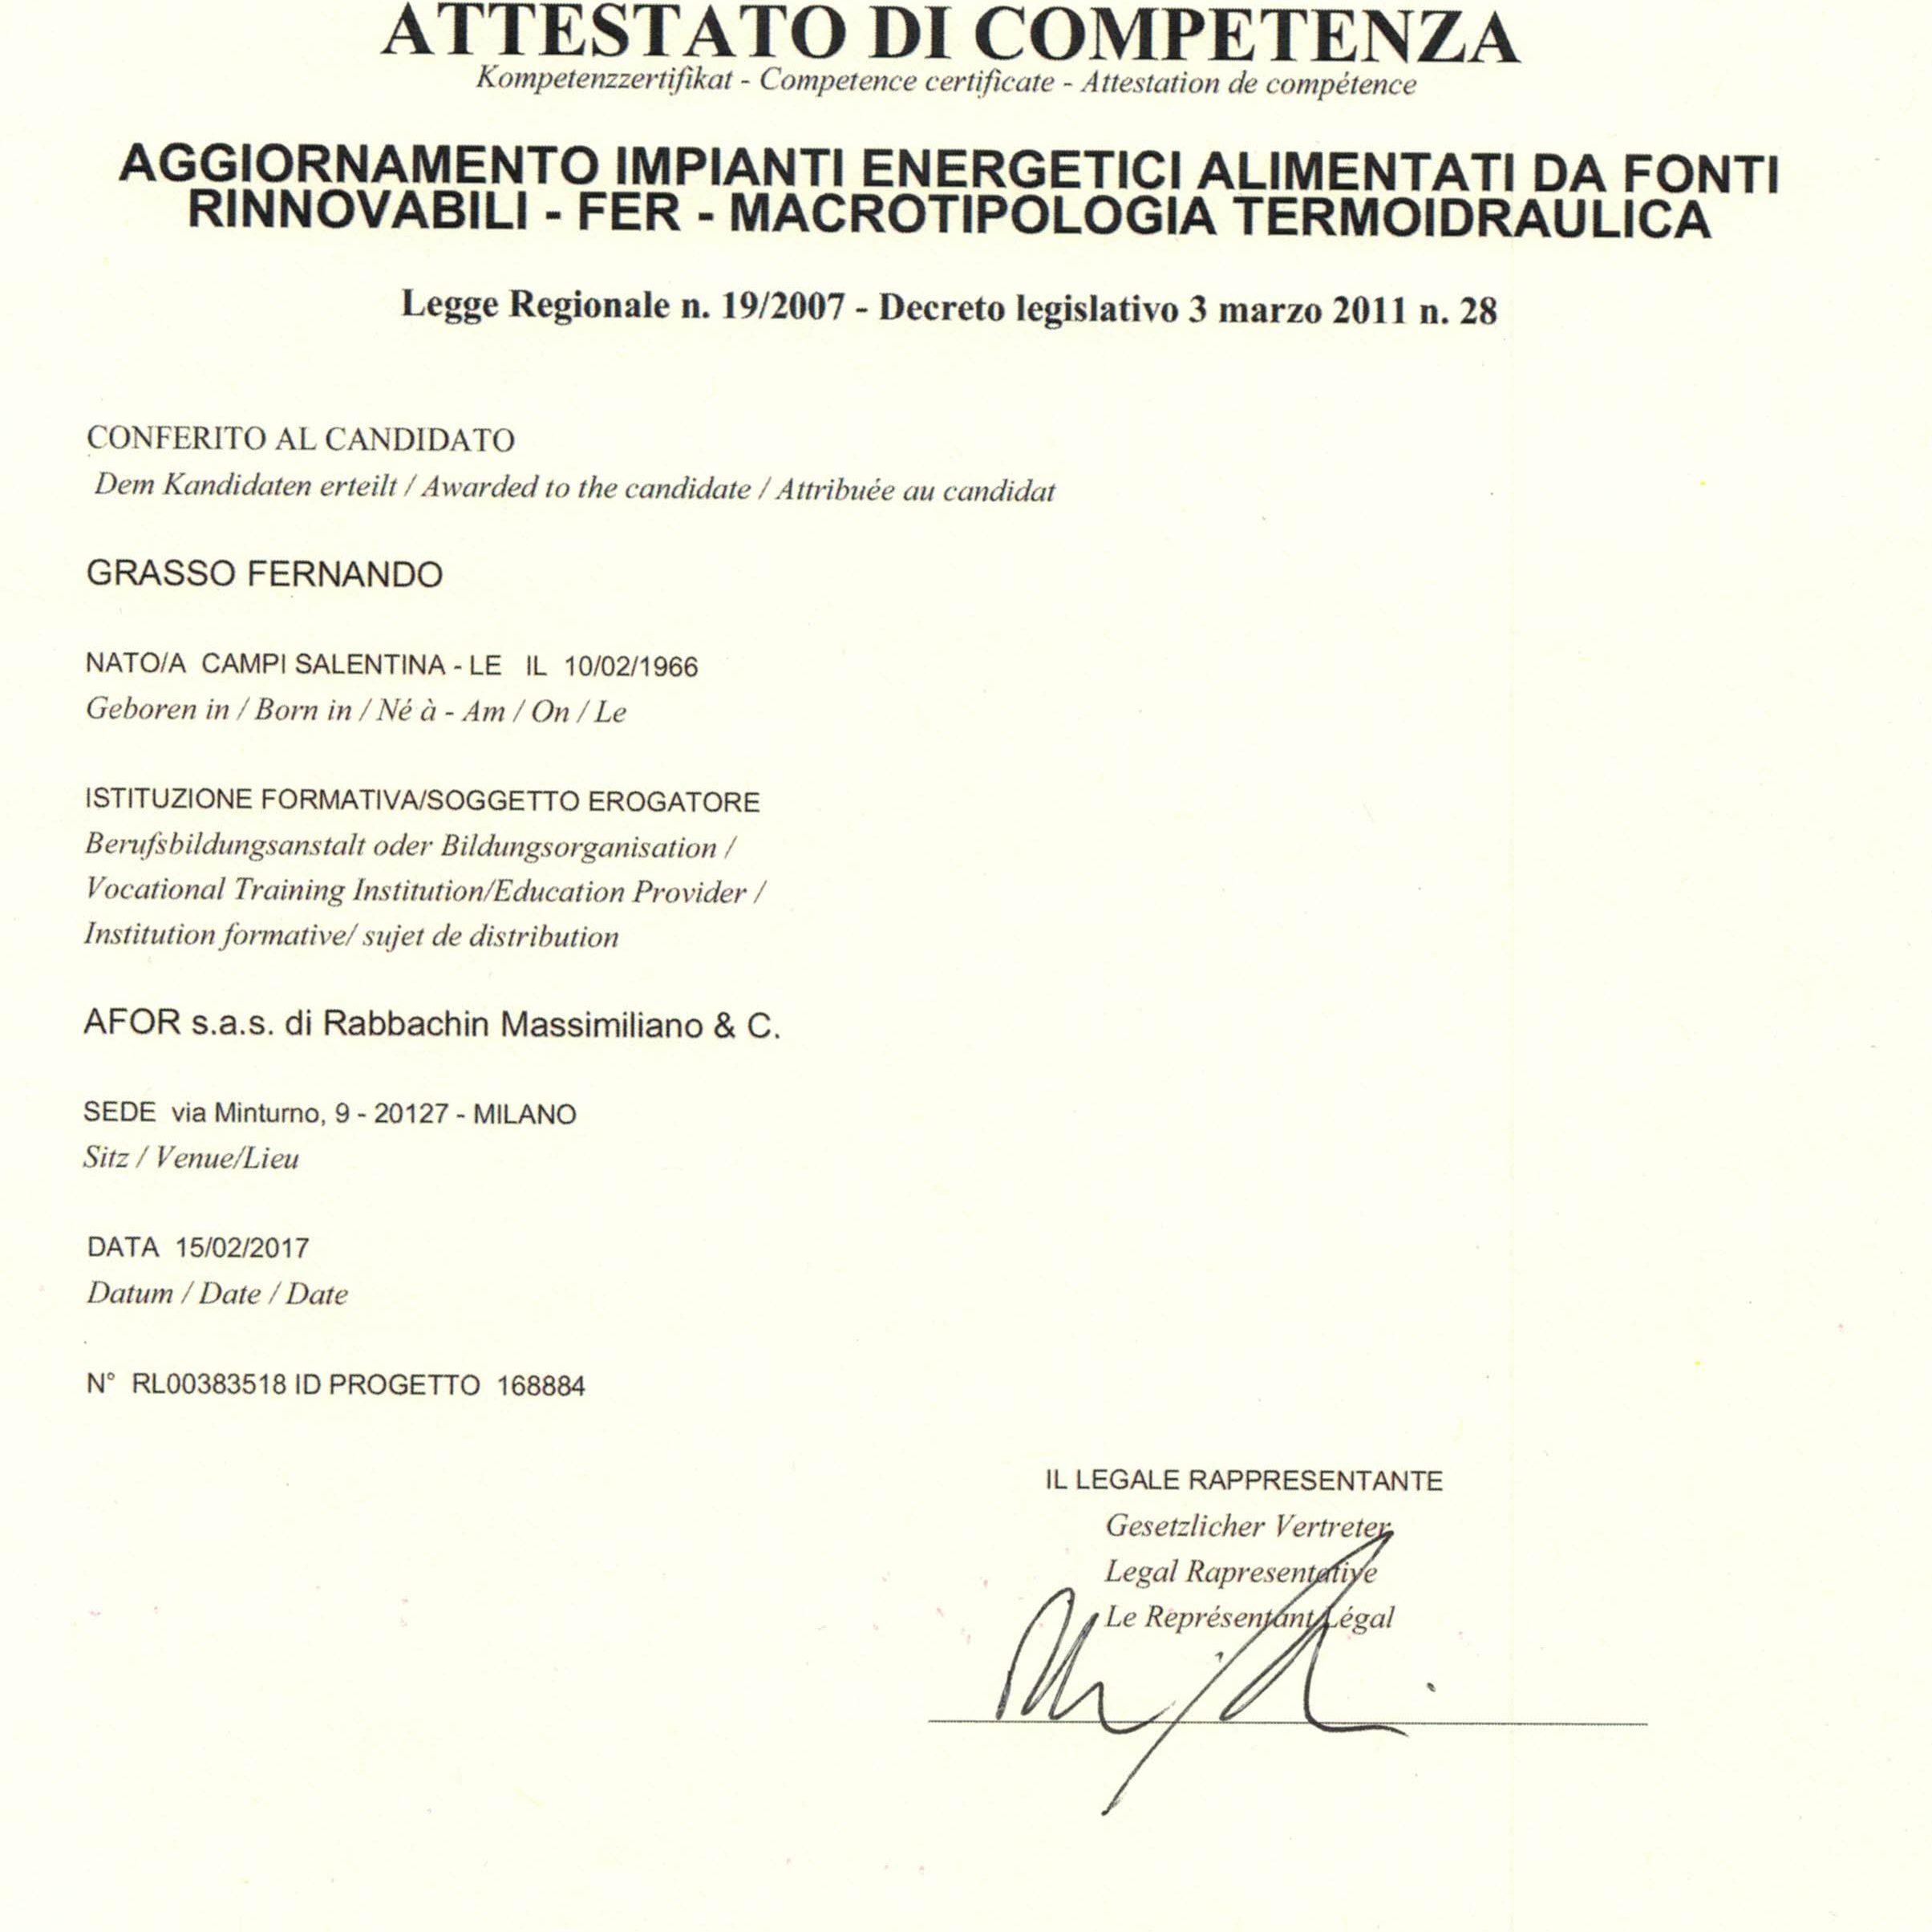 atestato-di-competenza-frigotecnoclima_Pagina_1